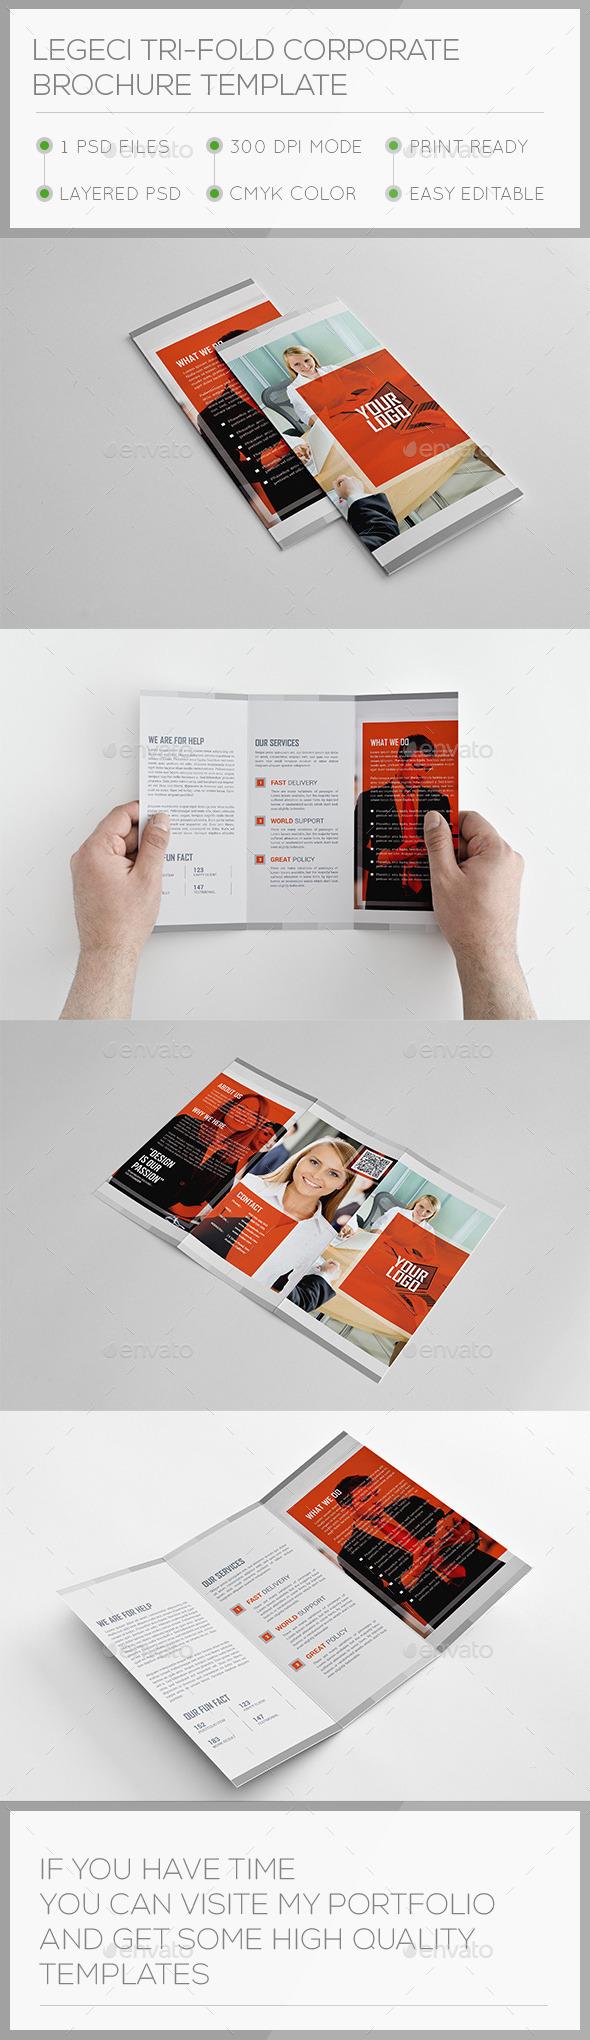 Legeci Corporate Trifold Brochure Template - Corporate Brochures